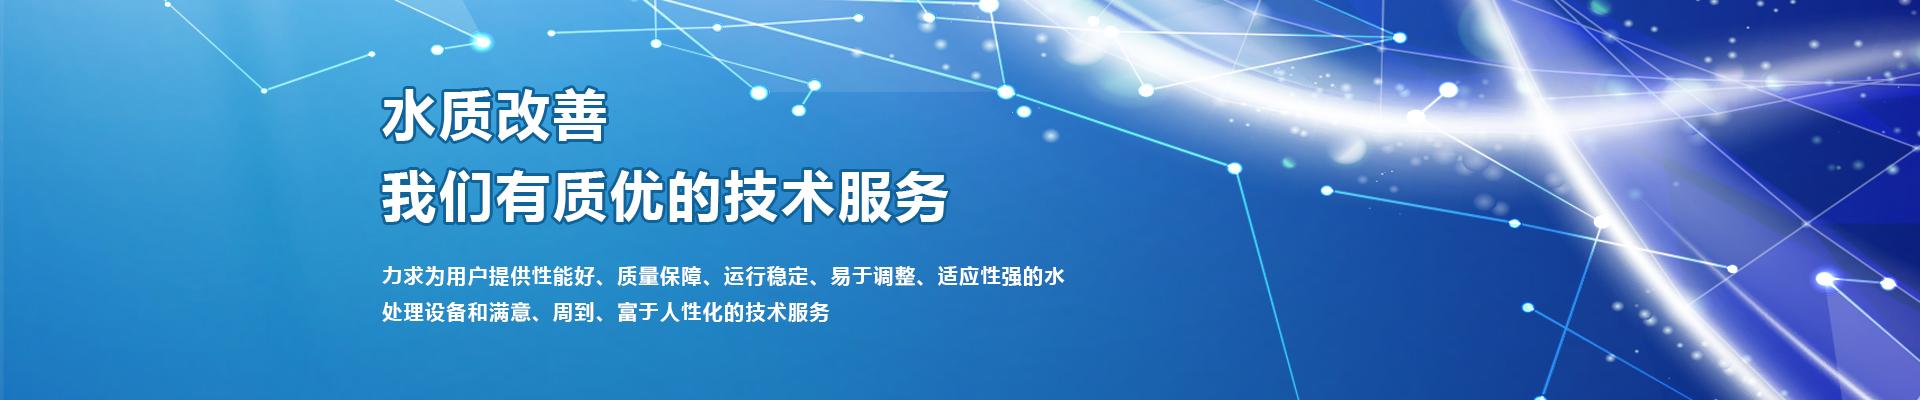 http://www.bthamsi.cn/data/upload/202012/20201230113639_618.jpg